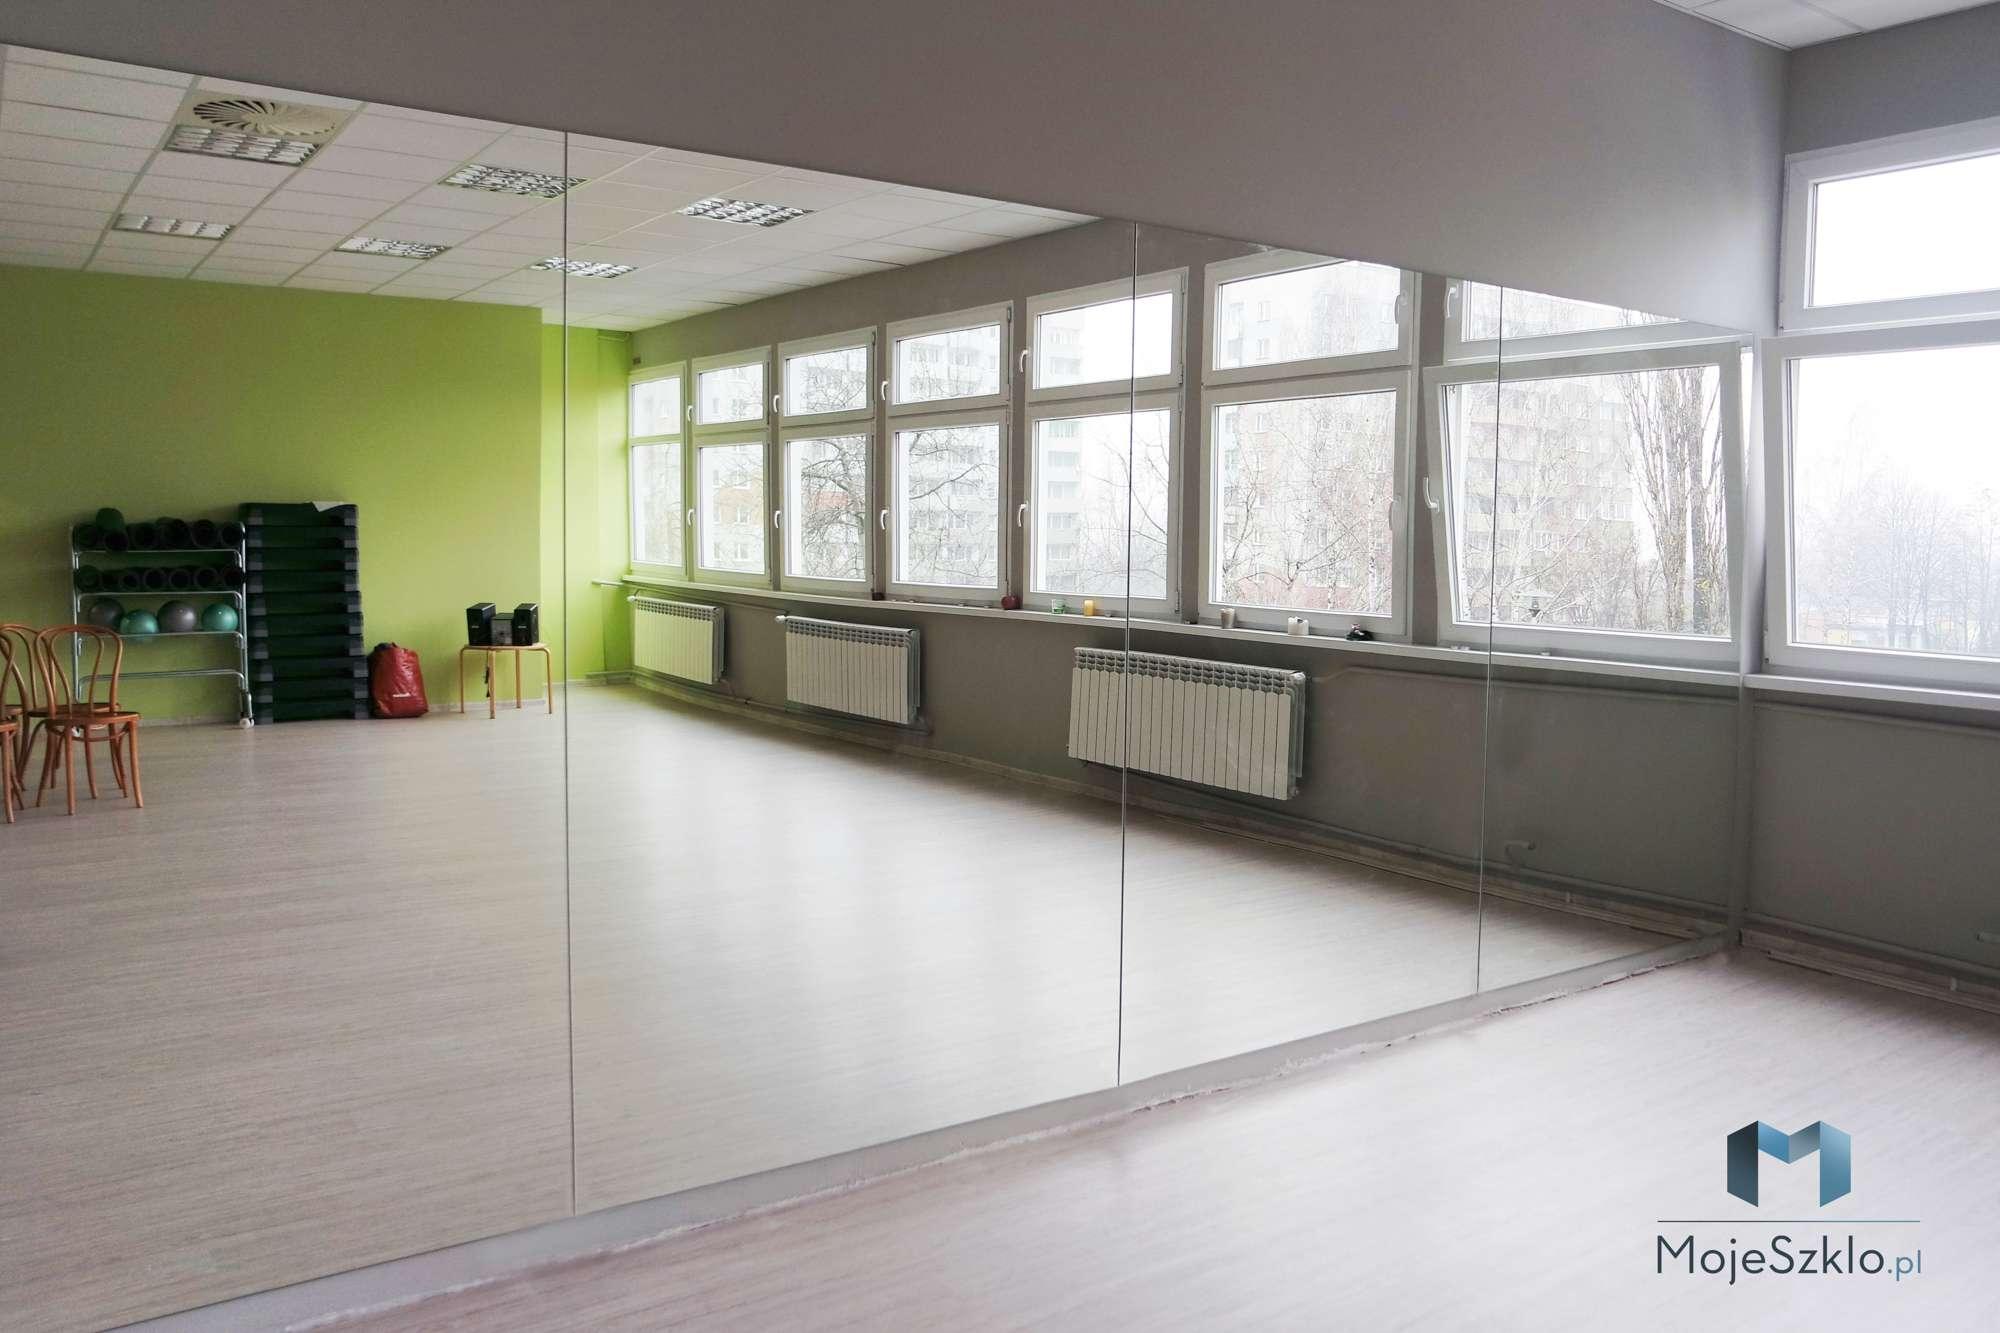 Lustro Na Sciane Fitness Krakow - Lustro na całą ścianę. Duże lustra do wnętrz